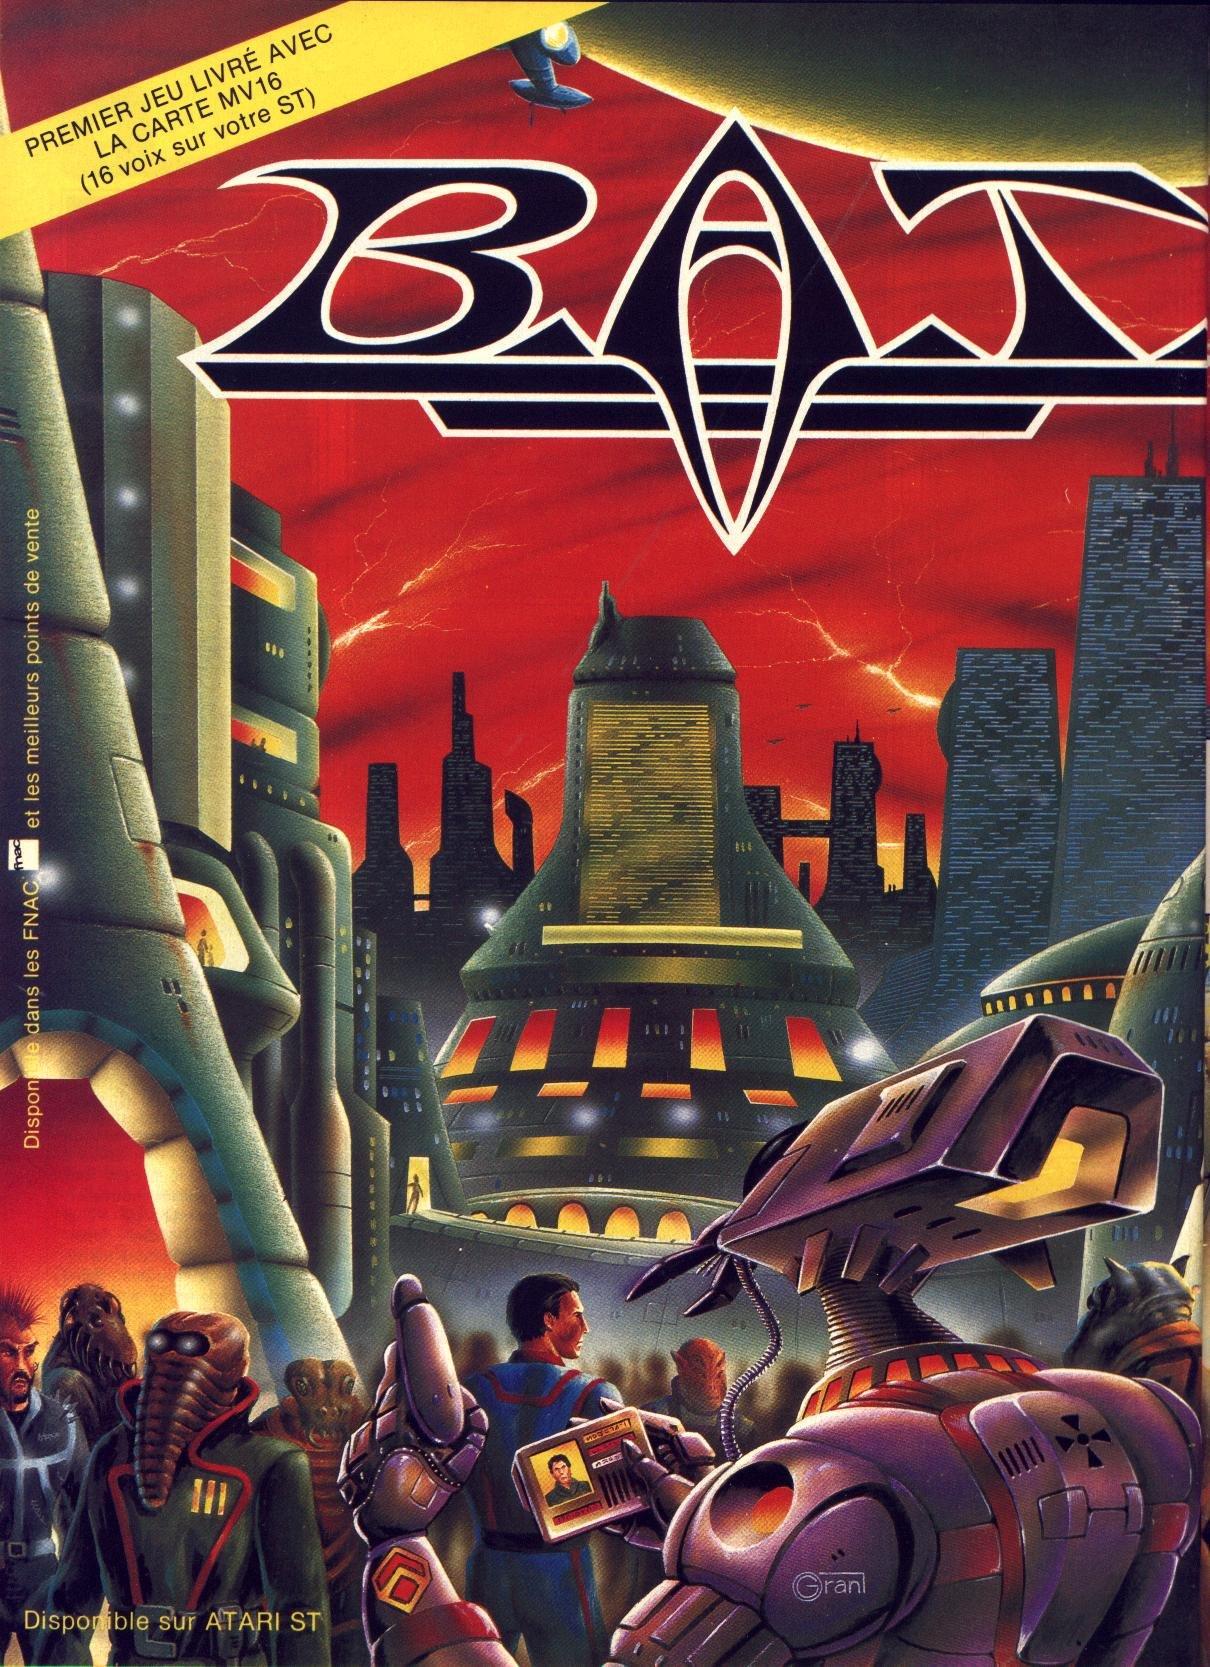 [TEST] B.A.T. - Atari ST 201215090800950353